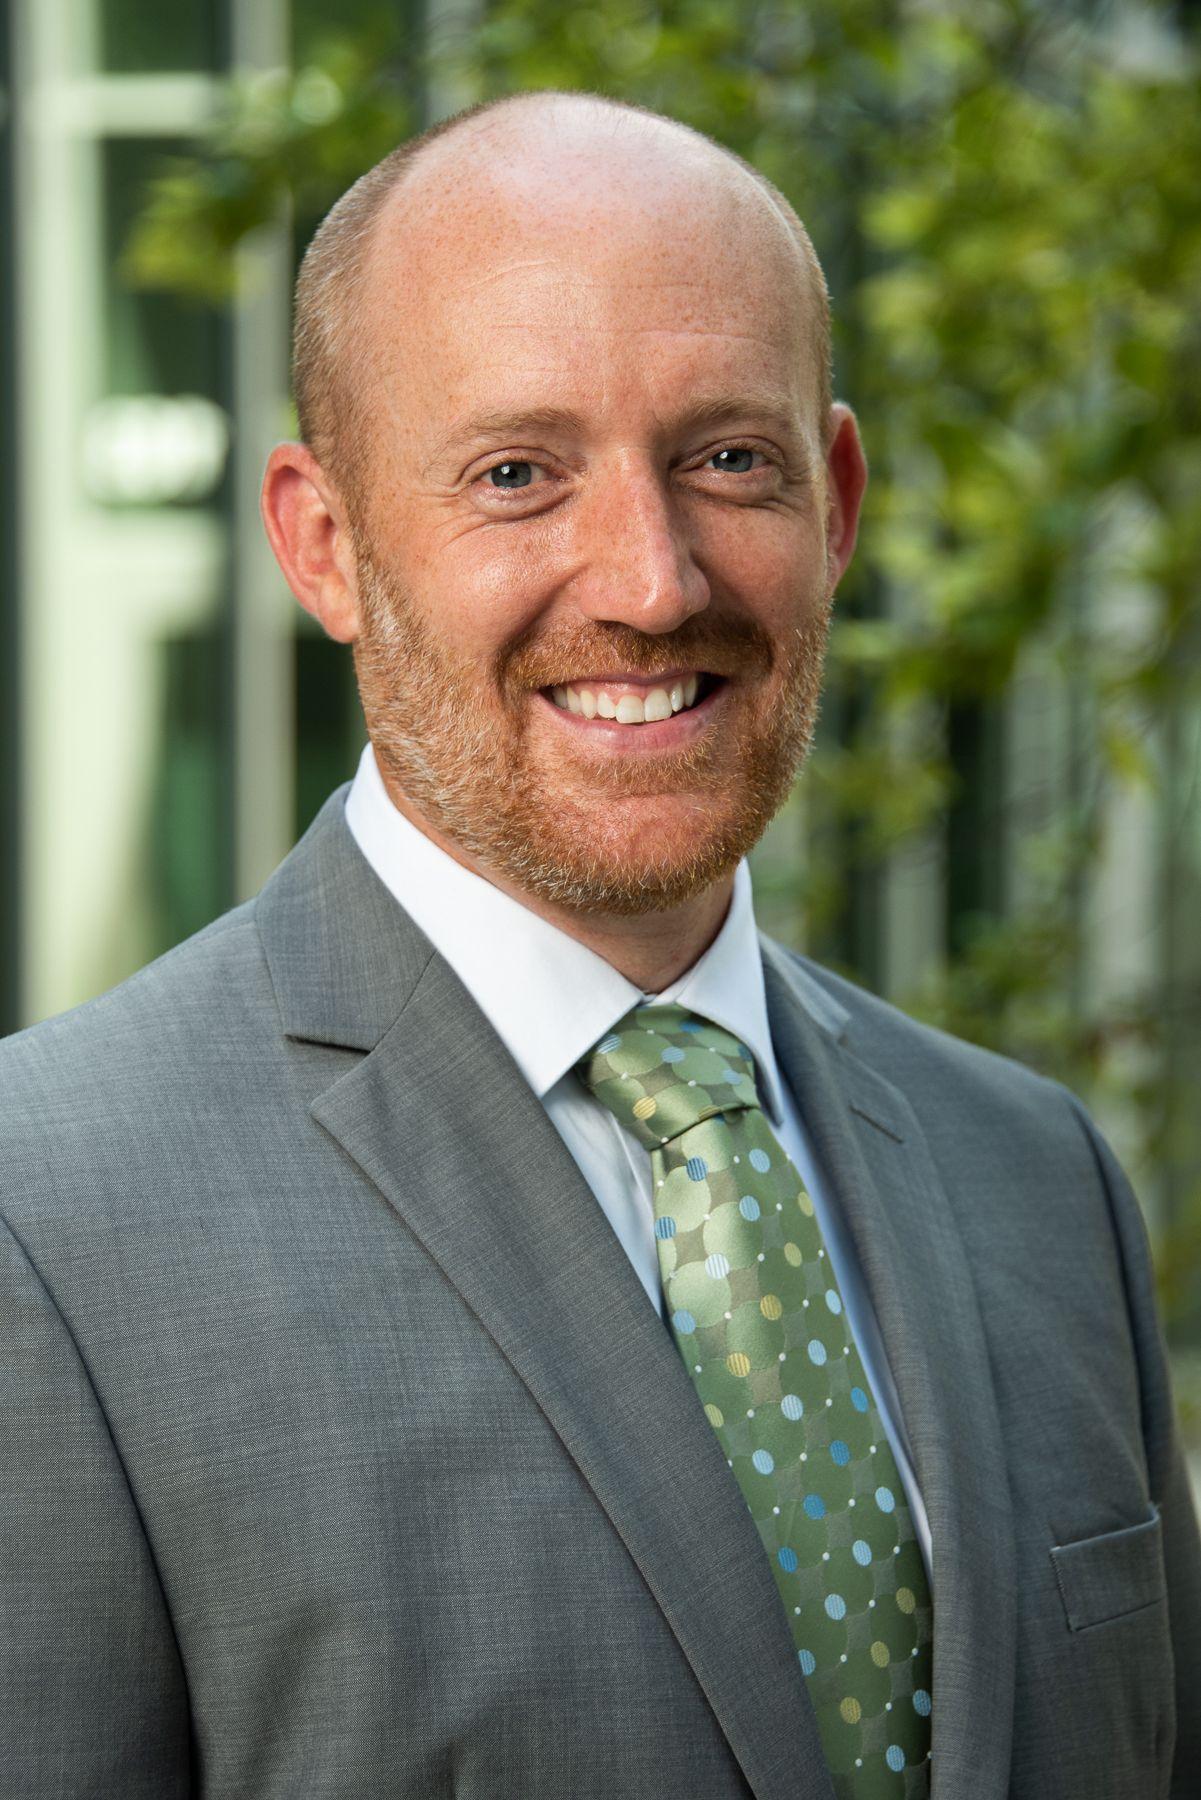 Andy Widman